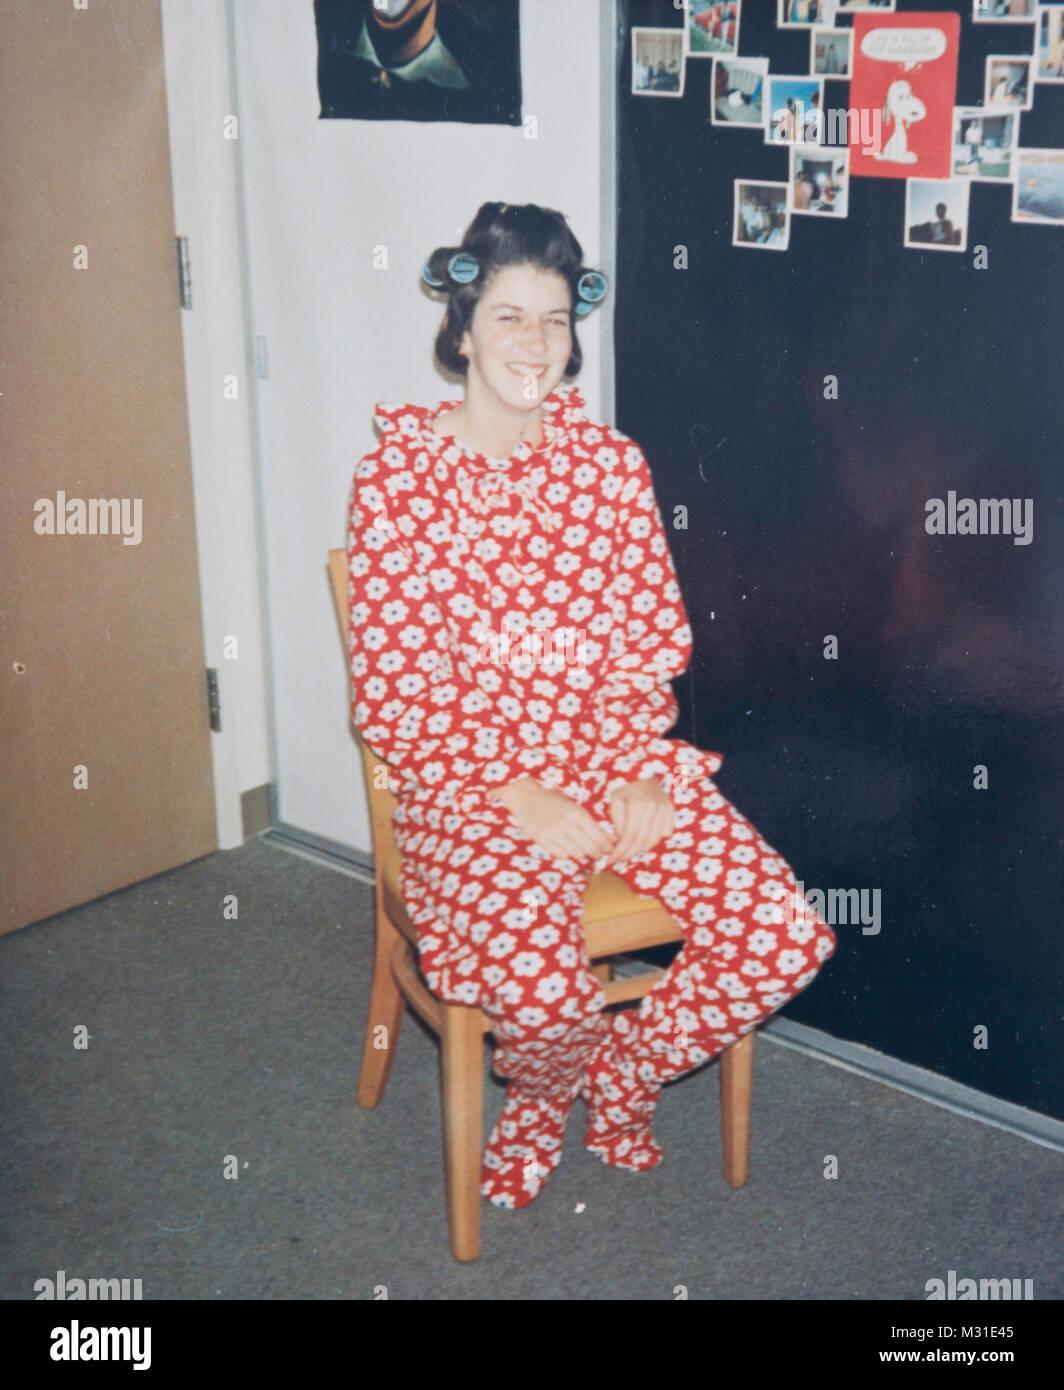 Teenager mit Rollen in ihrem Haar zu tragen One-Piece Footed Pajamas, USA Stockfoto